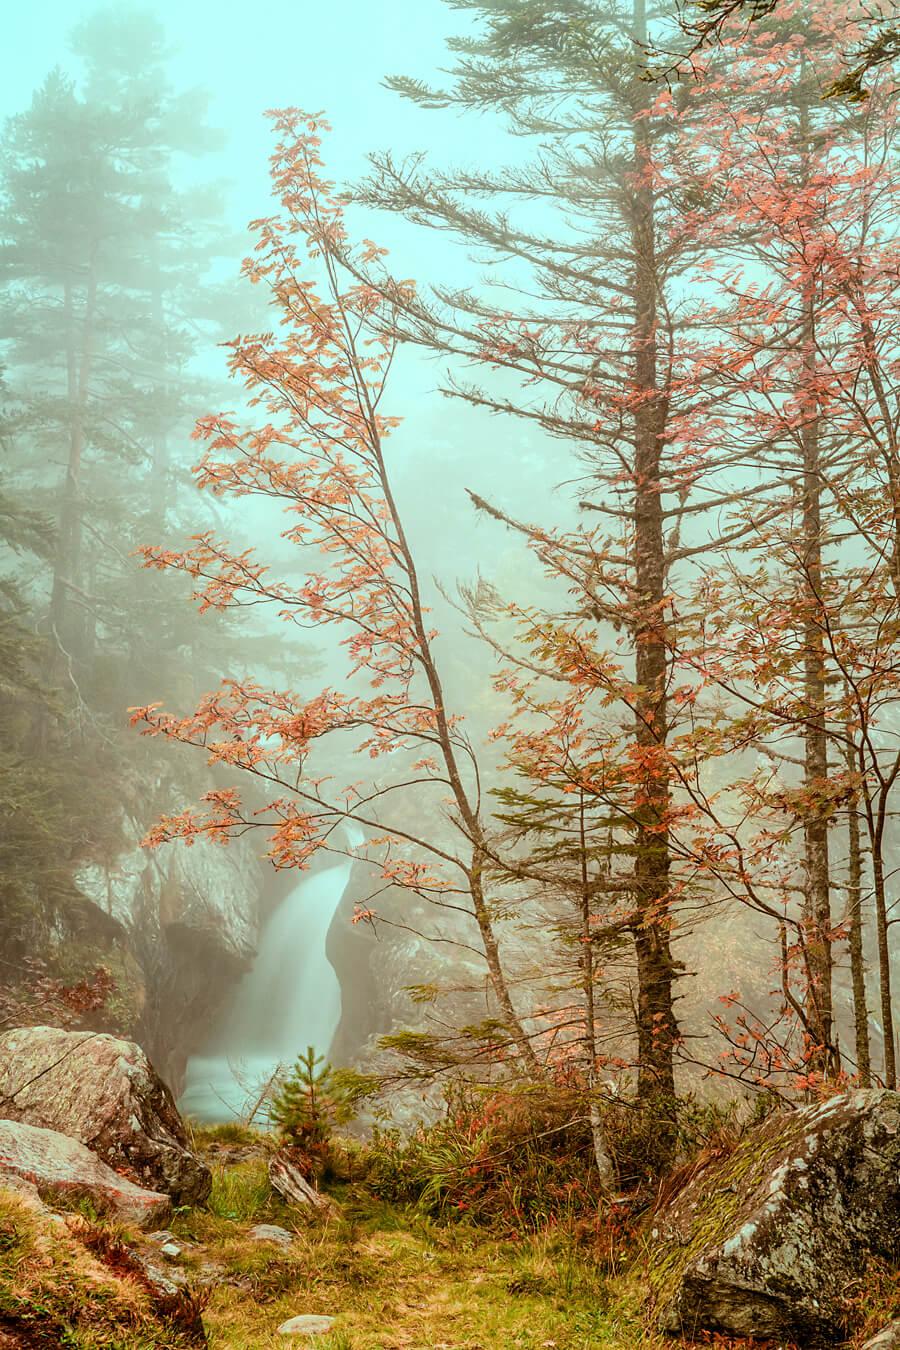 Falls of Cauterets